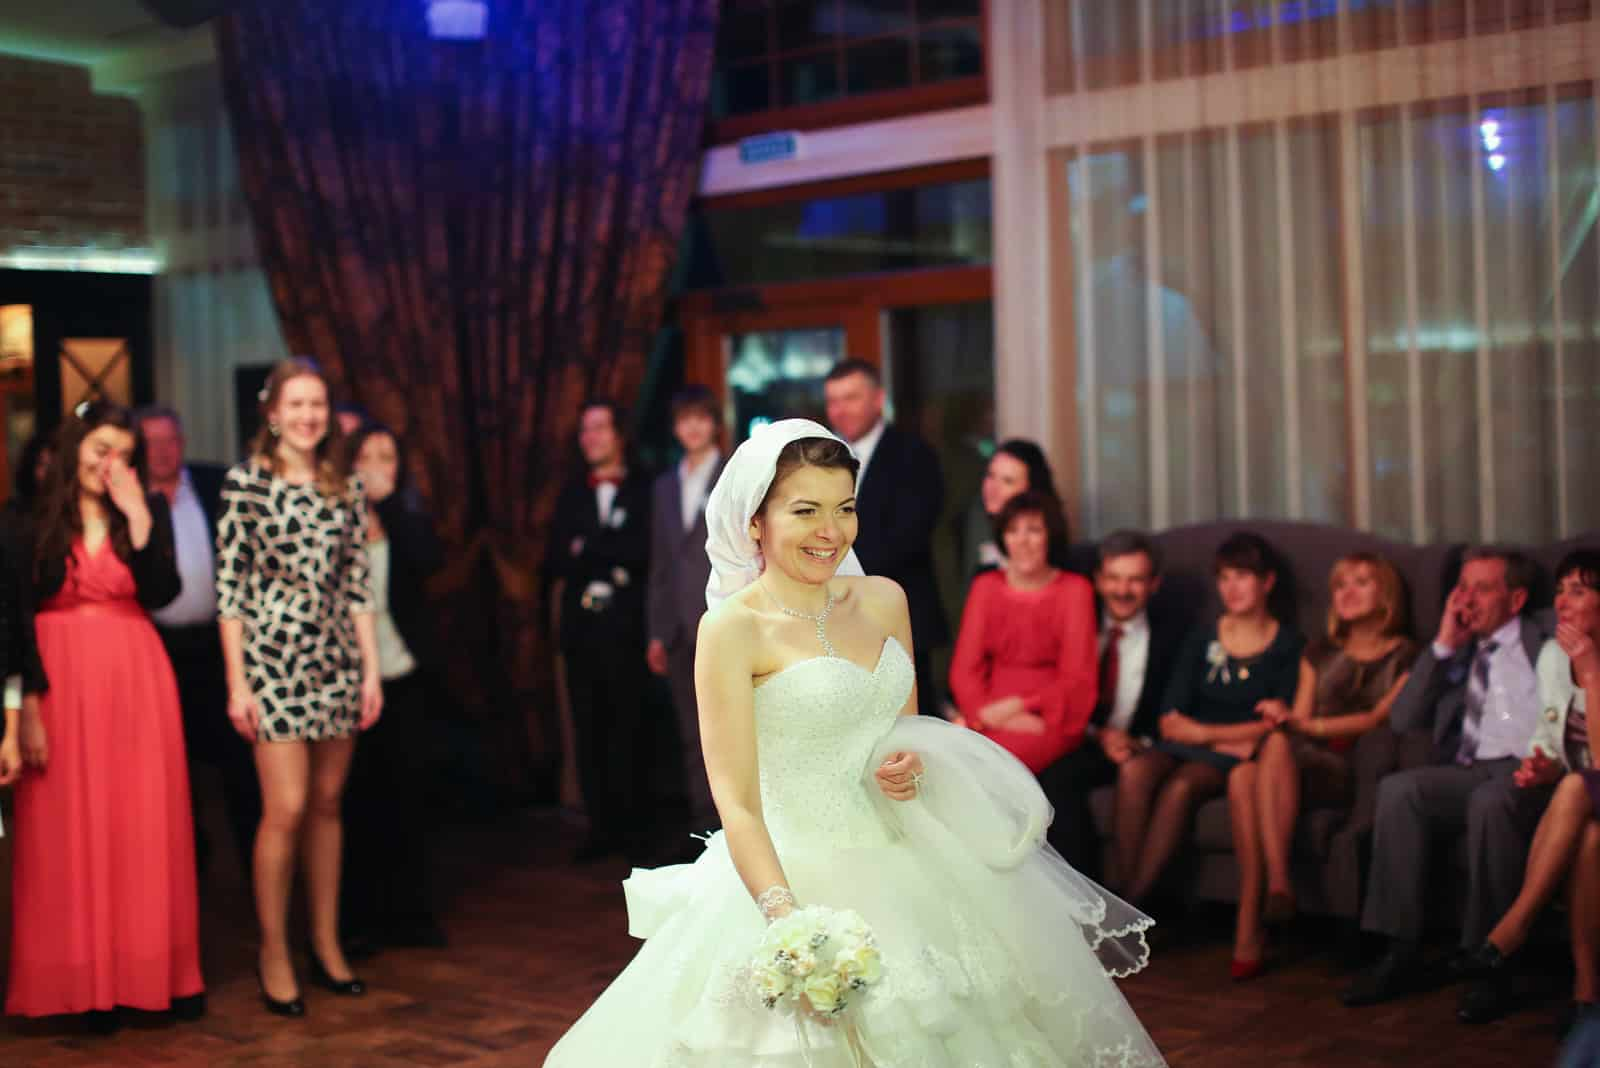 Glückliche Braut wirft Blumenstrauß